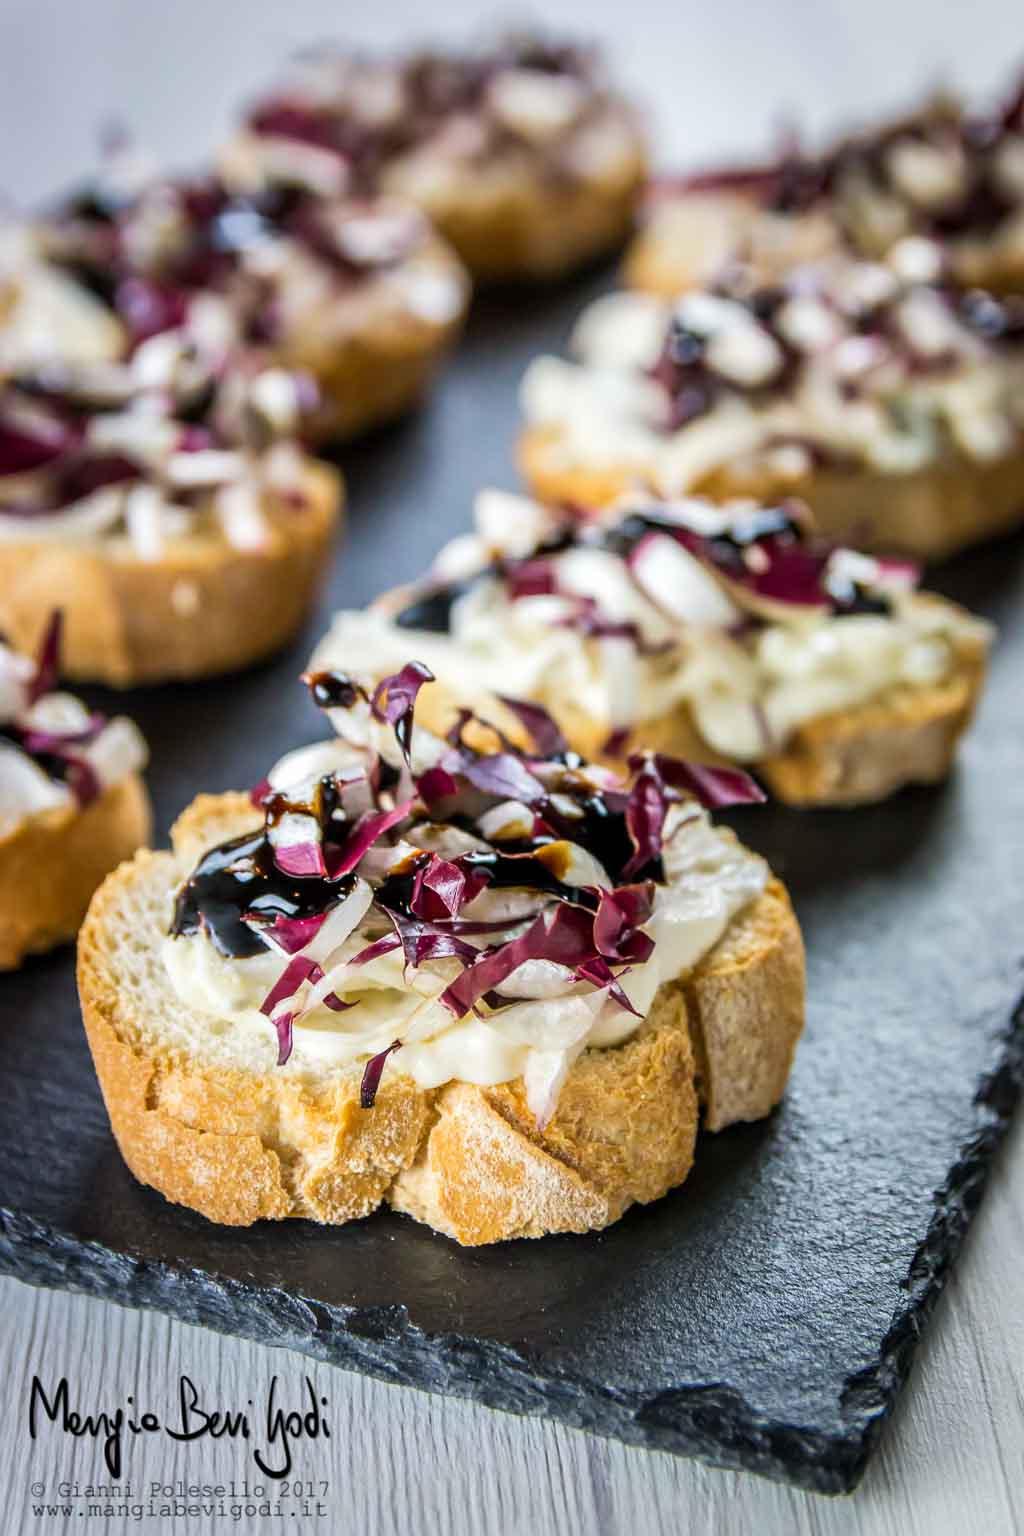 Crostini con radicchio di treviso e crema di gorgonzola e mascarpone, serviti su vassoio di ardesia